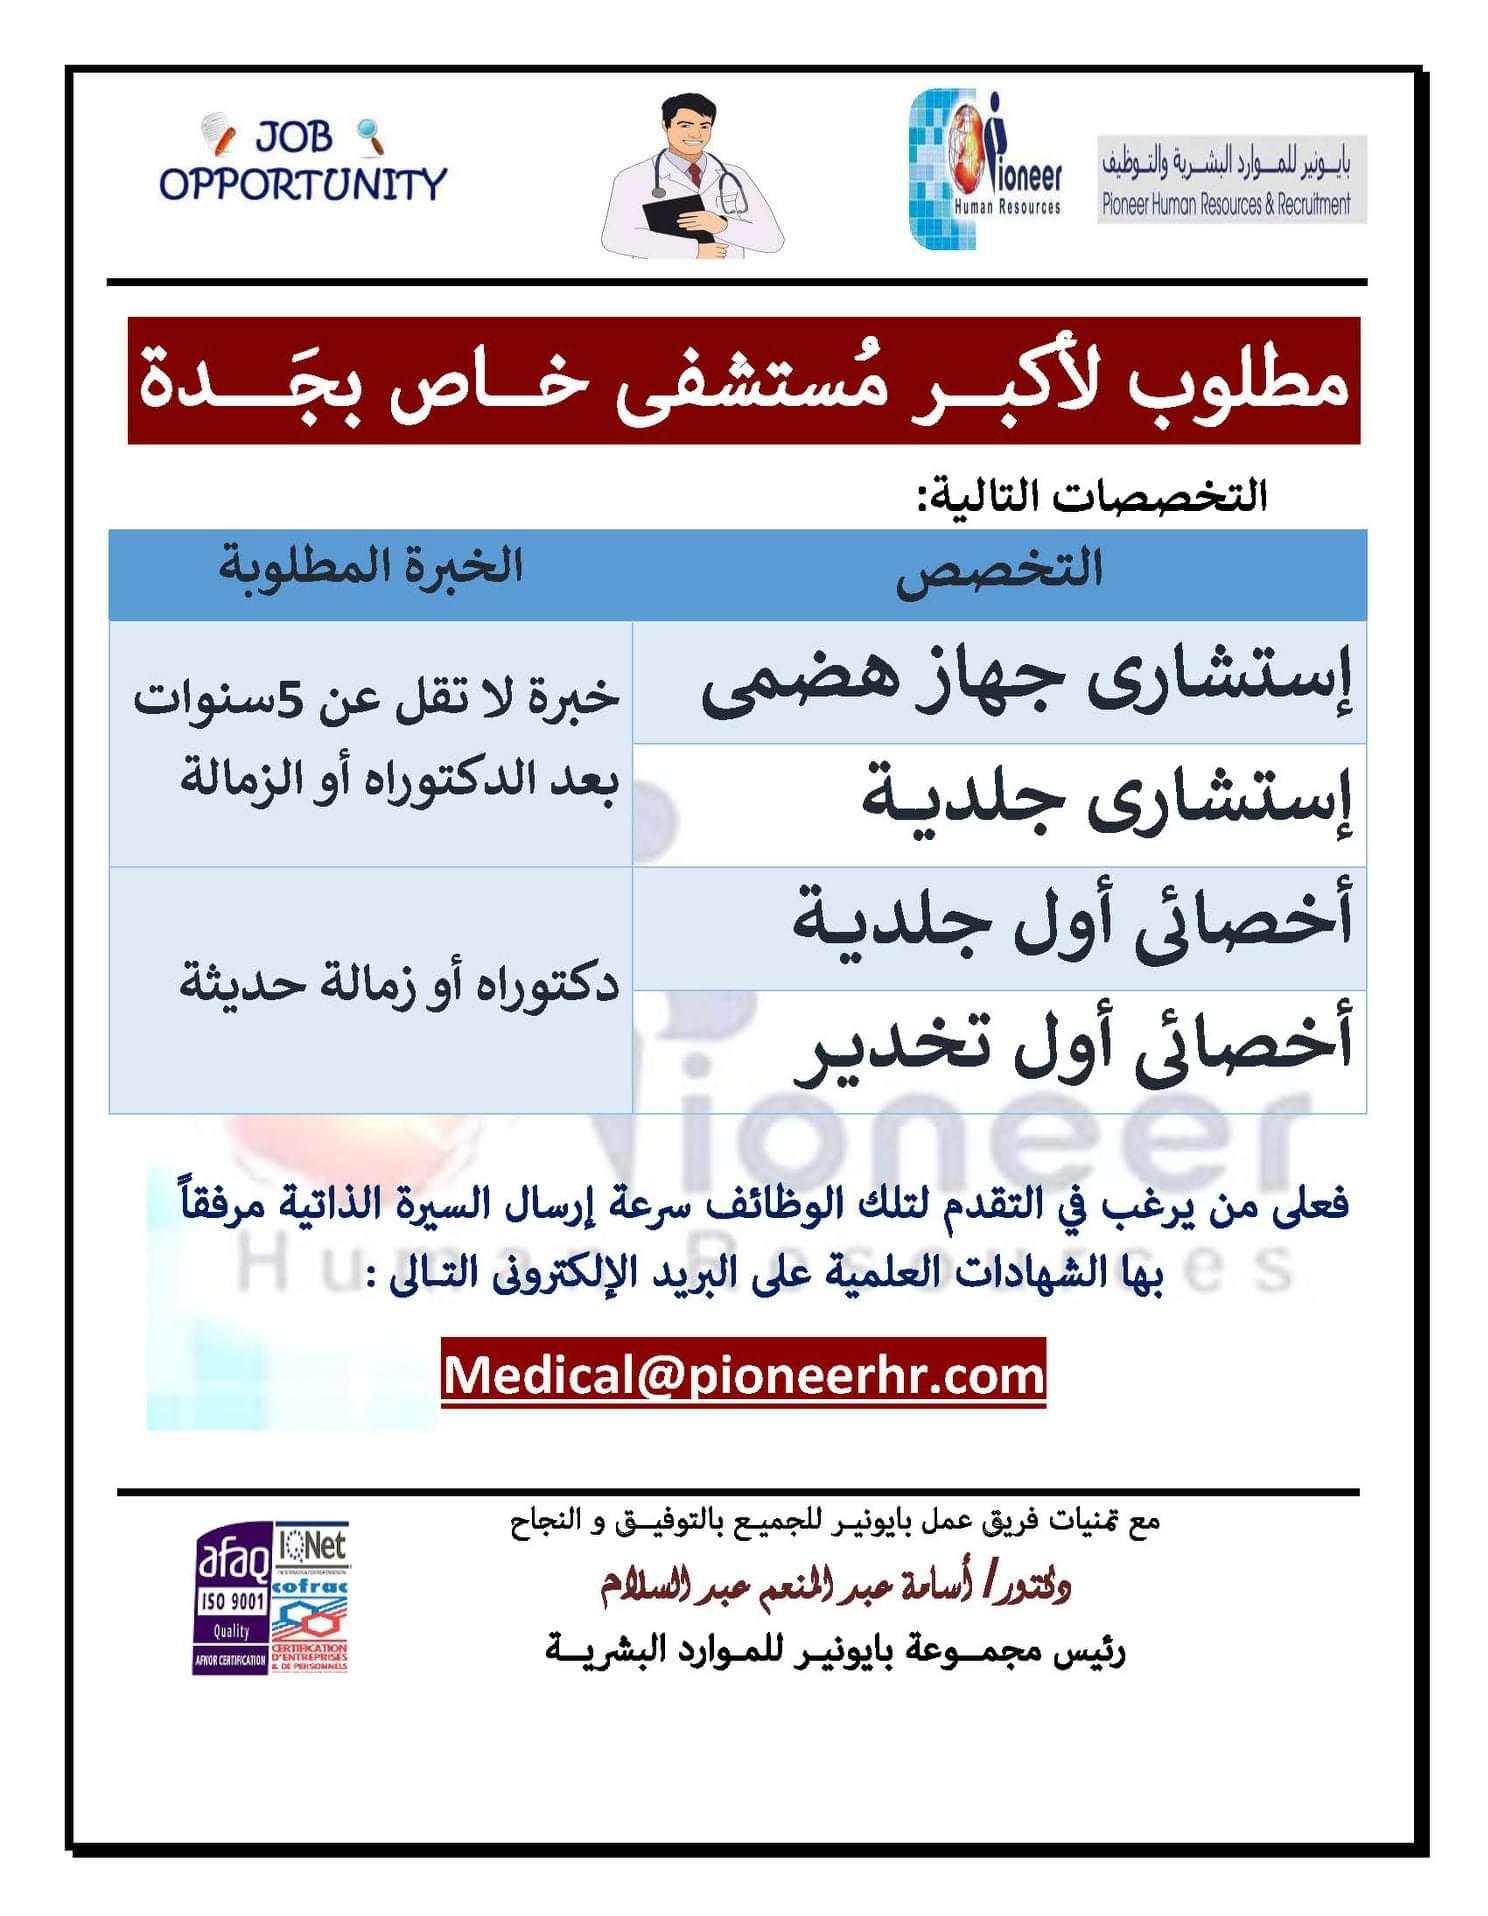 صورة مطلوب لأكبر مستشفى خاص فى جدة